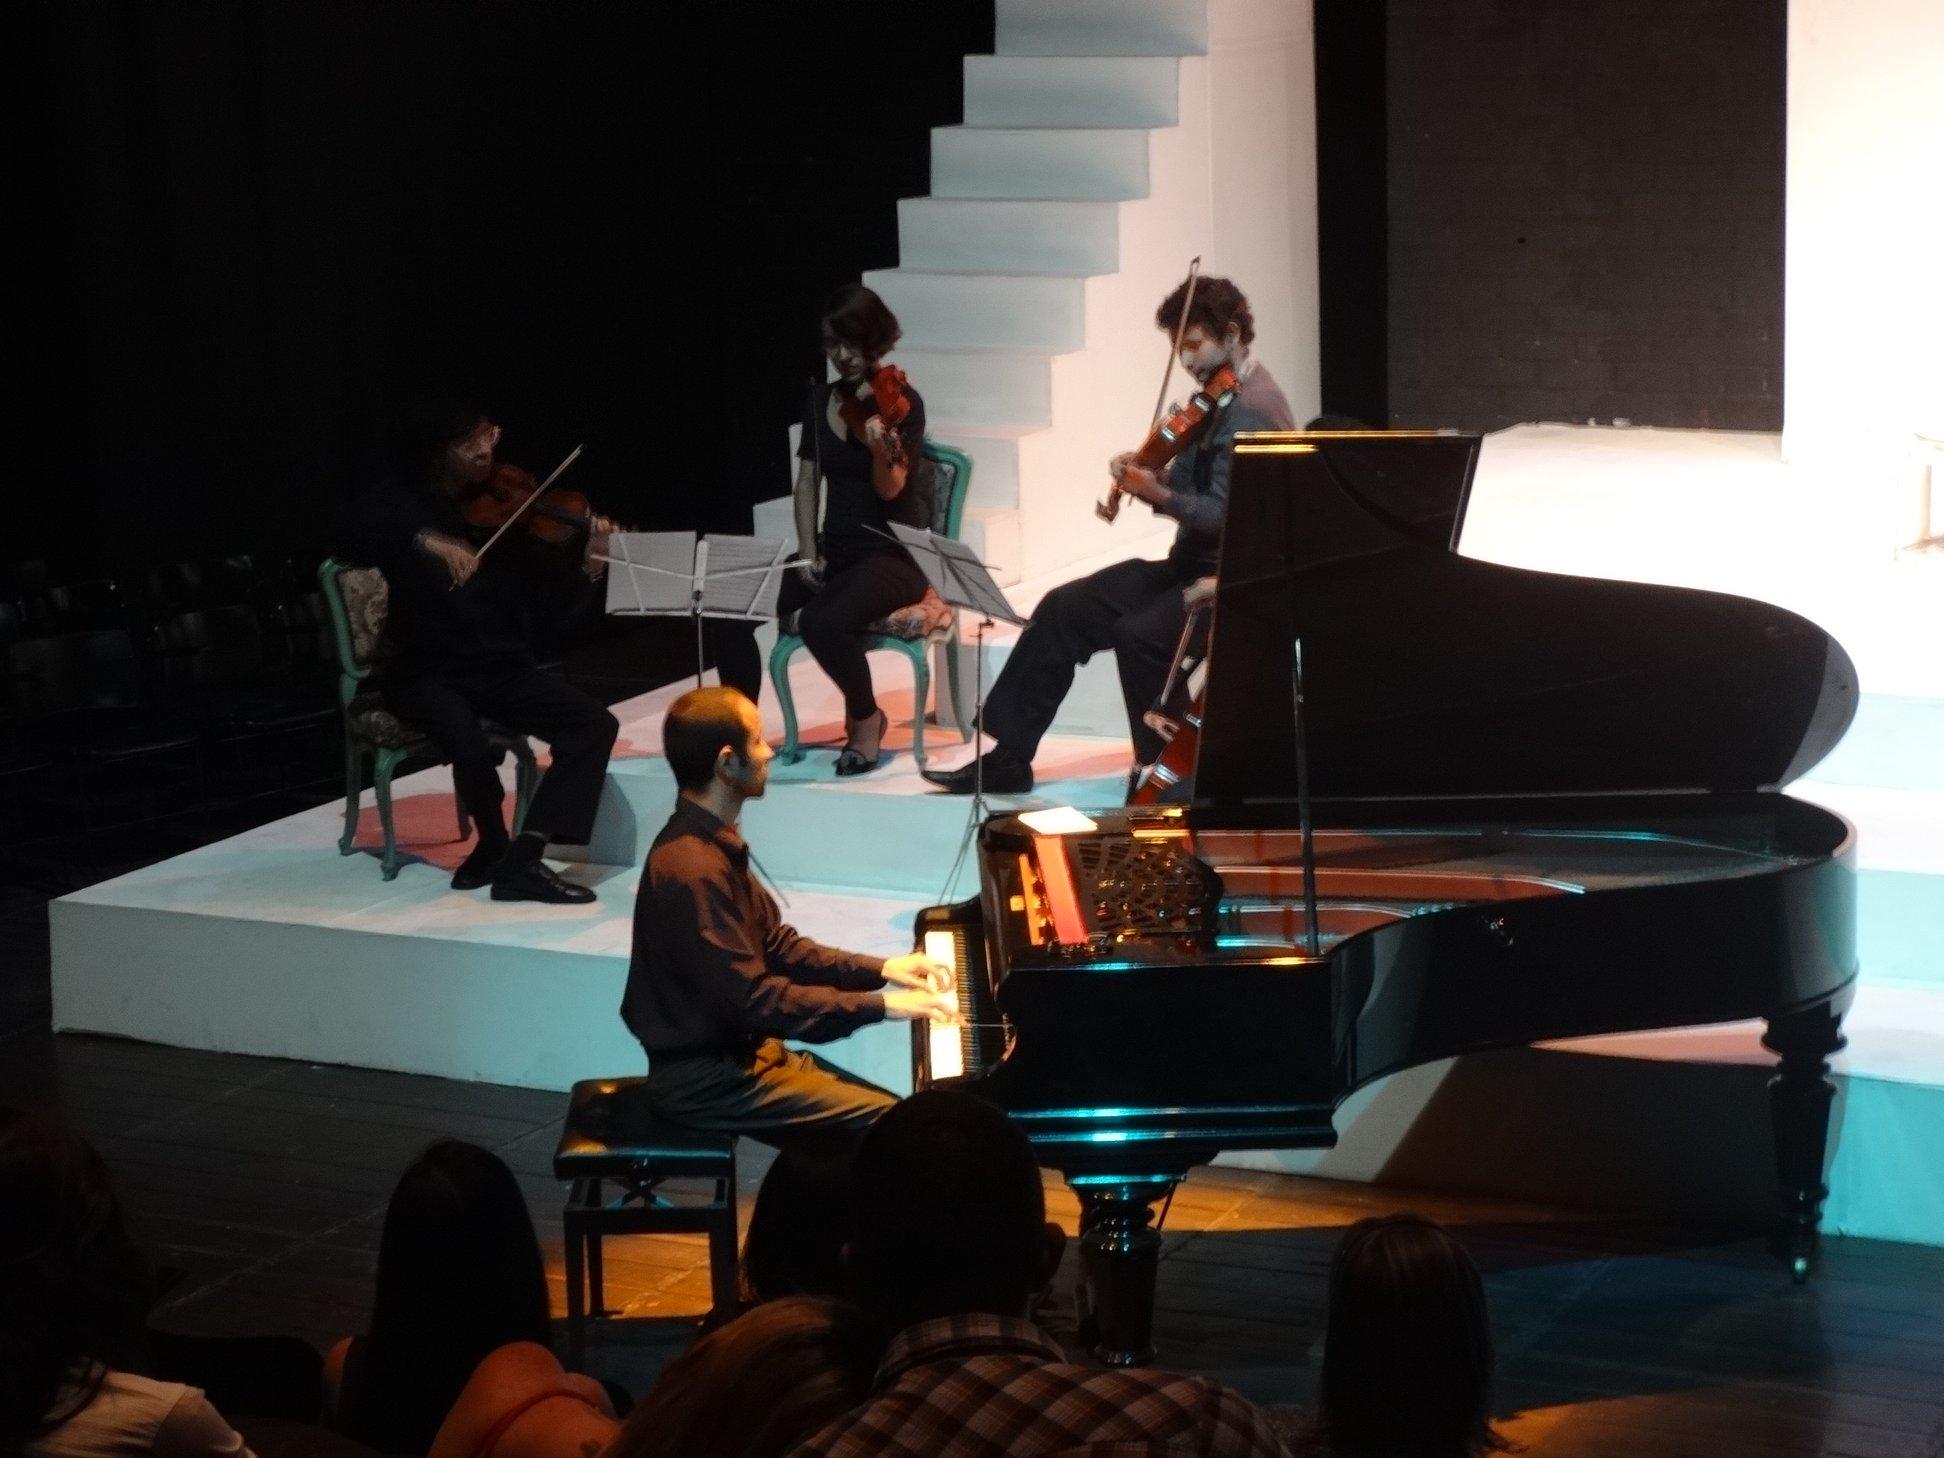 el piano-aprendizaje-futuros pianistas-pianistas en escena-musica-cultura del piano-aprender piano-aventura del piano-pianissimo